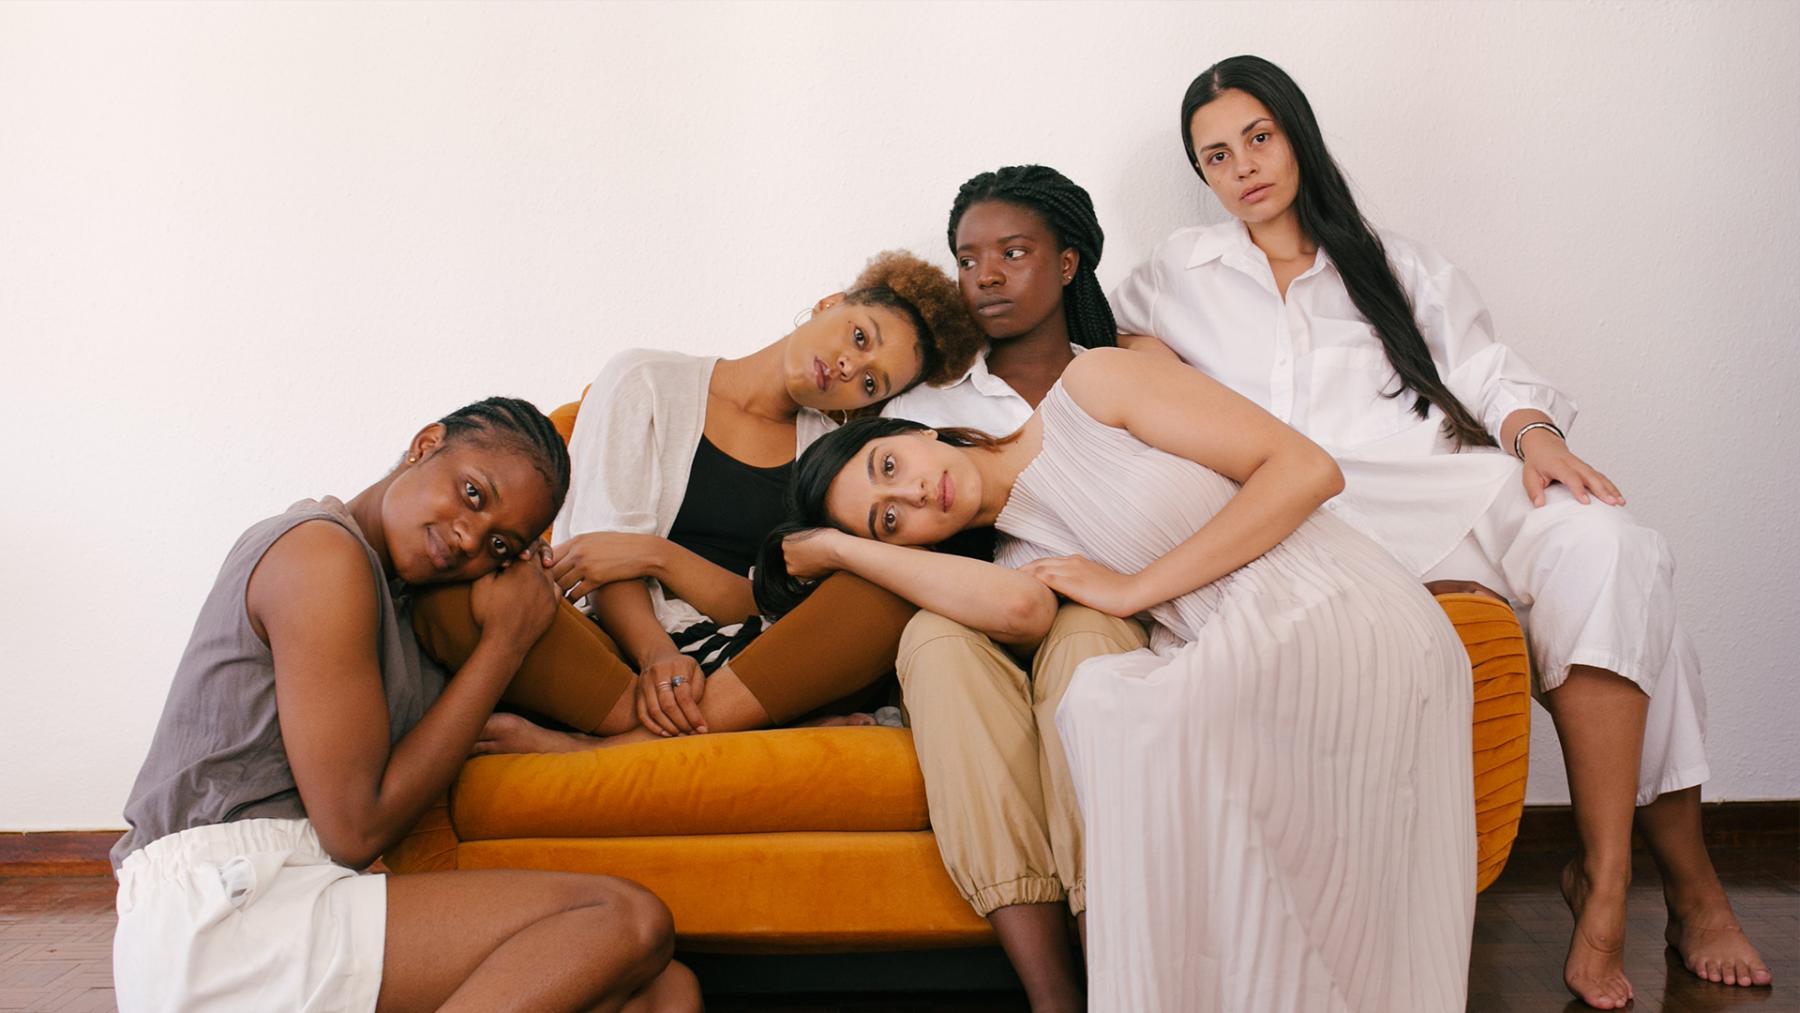 naasten seksueel geweld